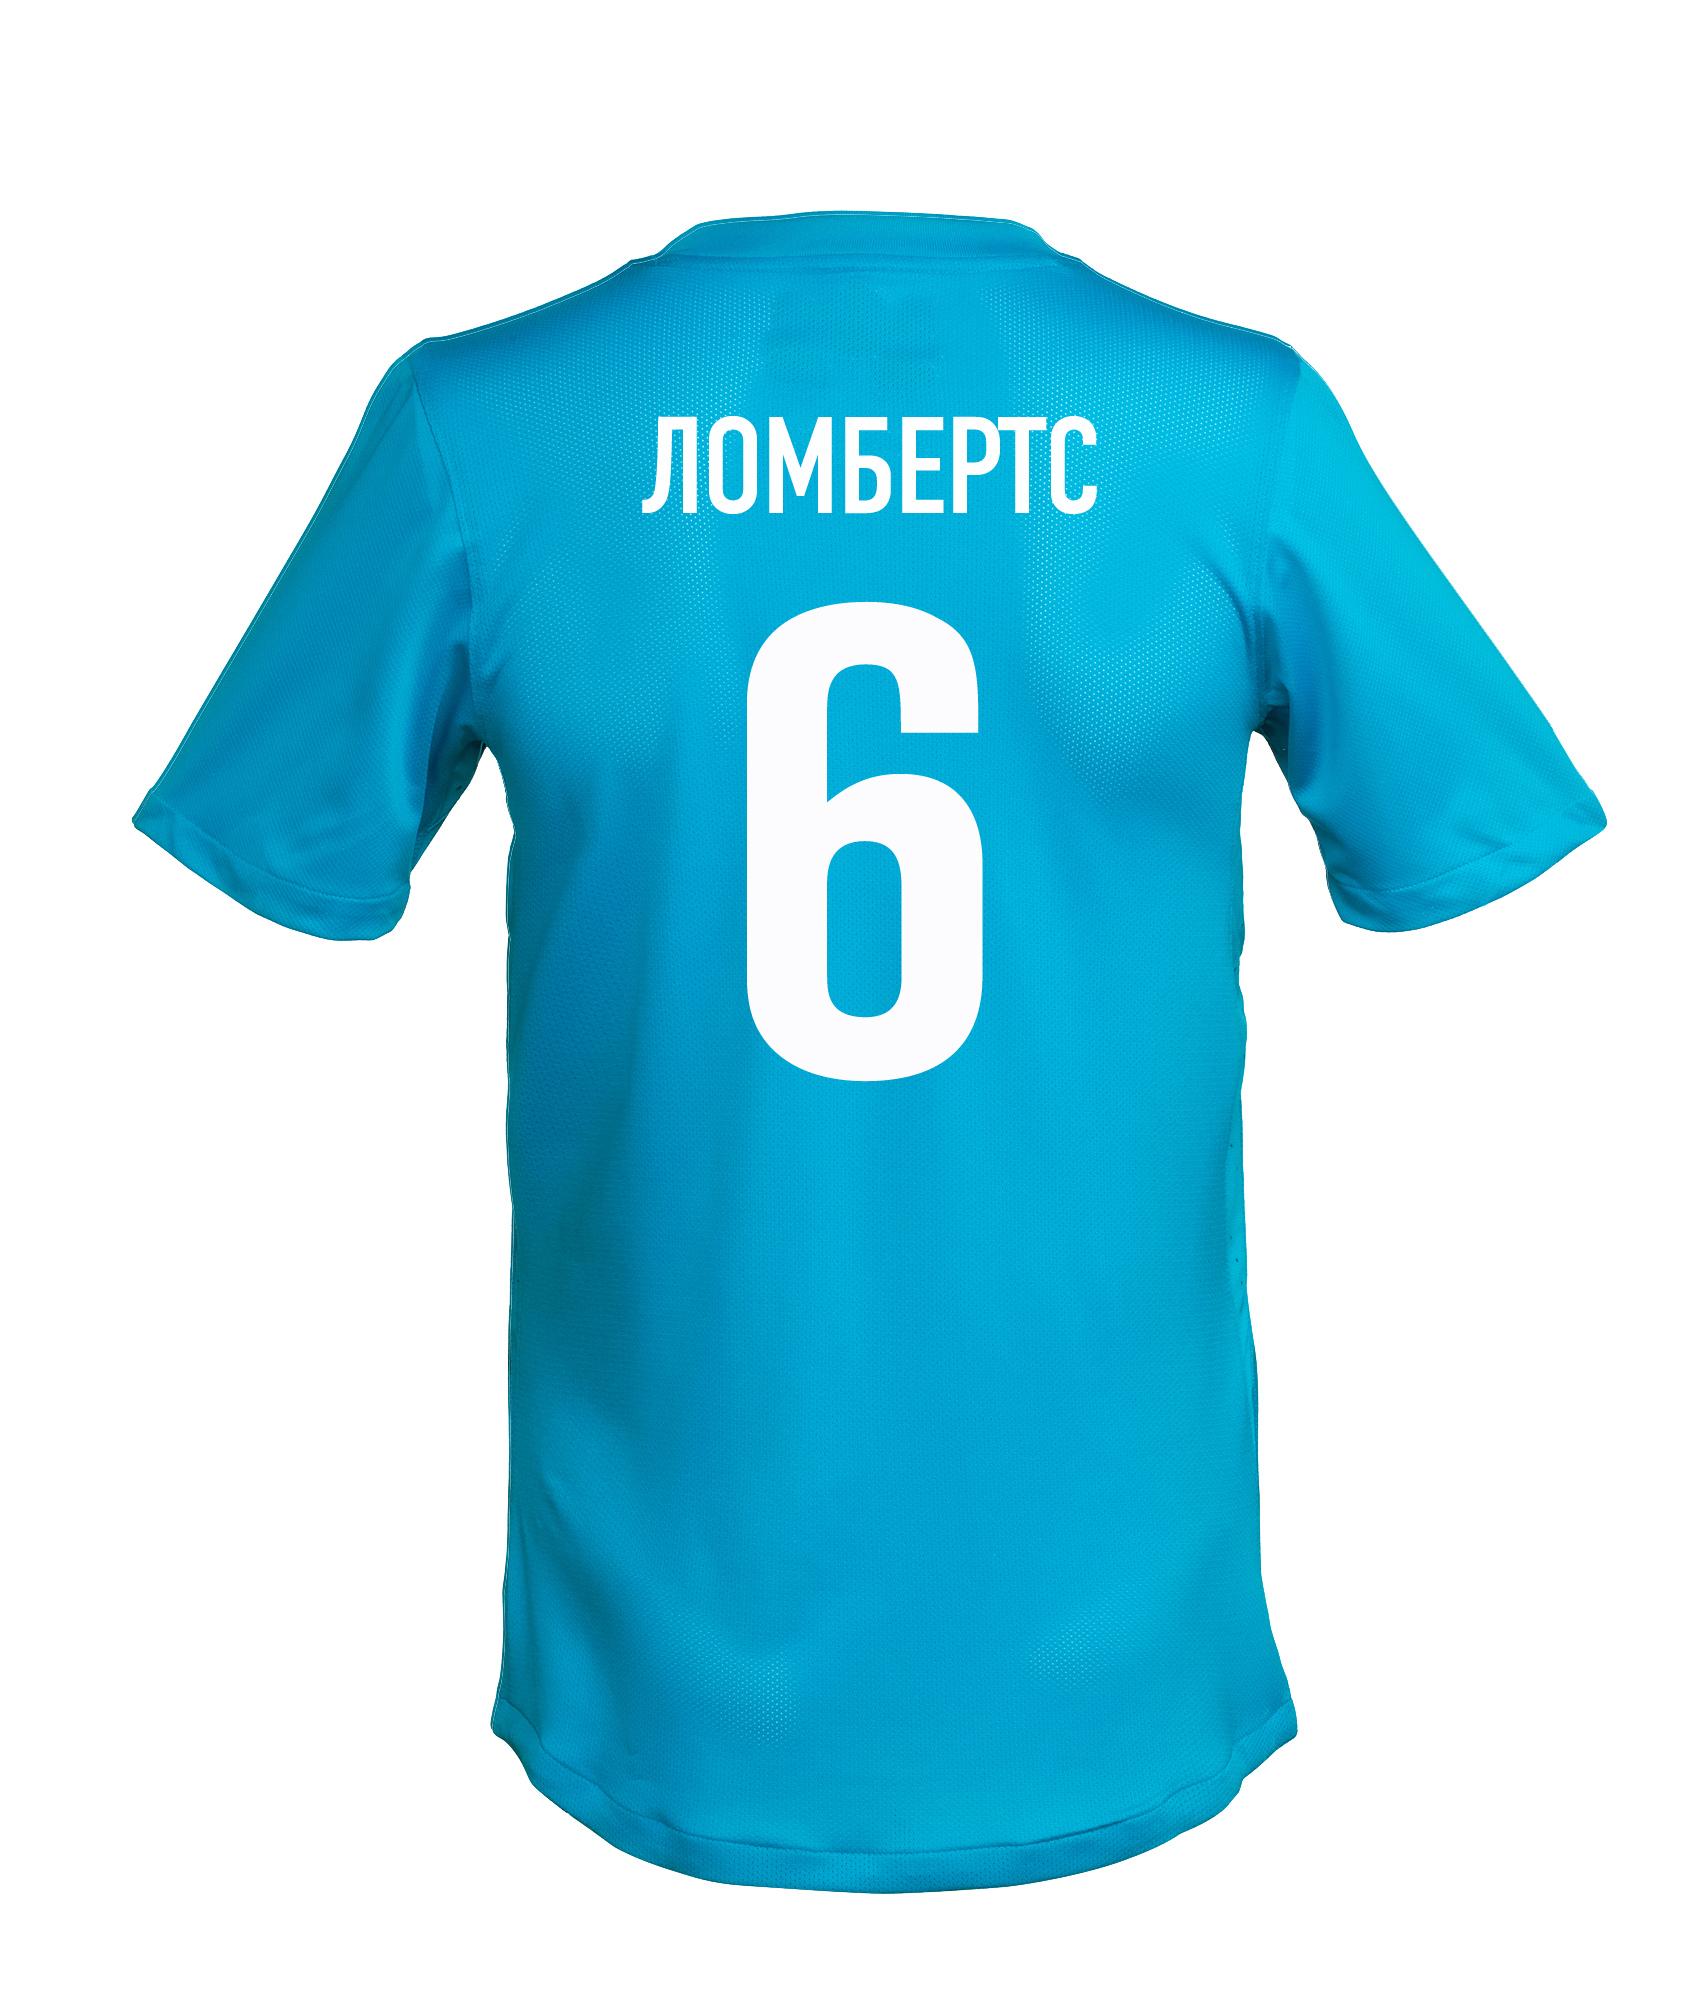 Игровая футболка с фамилией и номером Н. Ломбертса, Цвет-Синий, Размер-XL